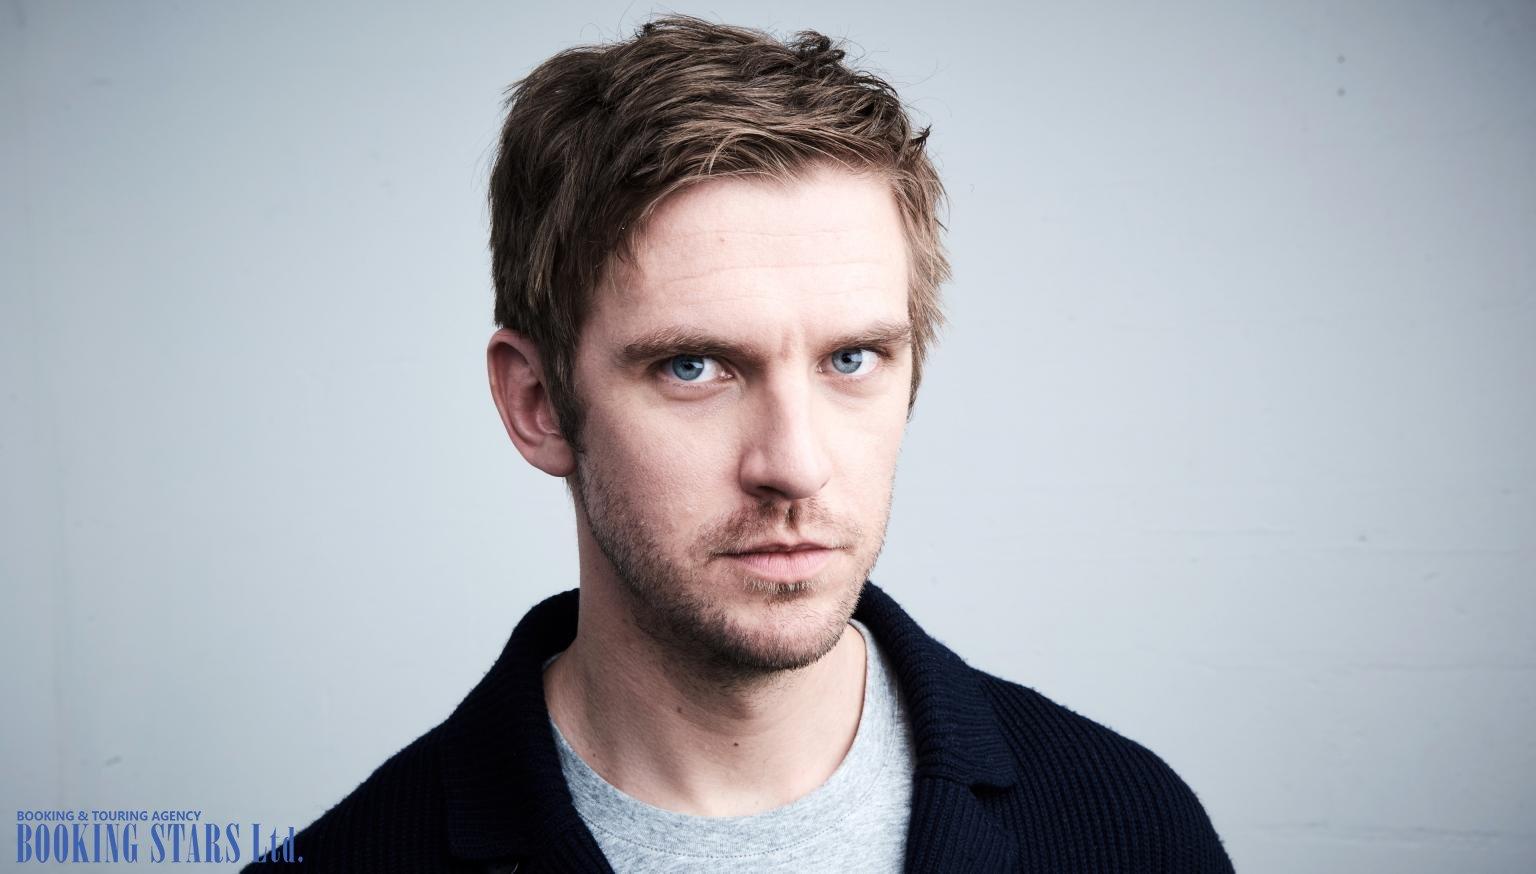 foto Dan Stevens (born 1982)